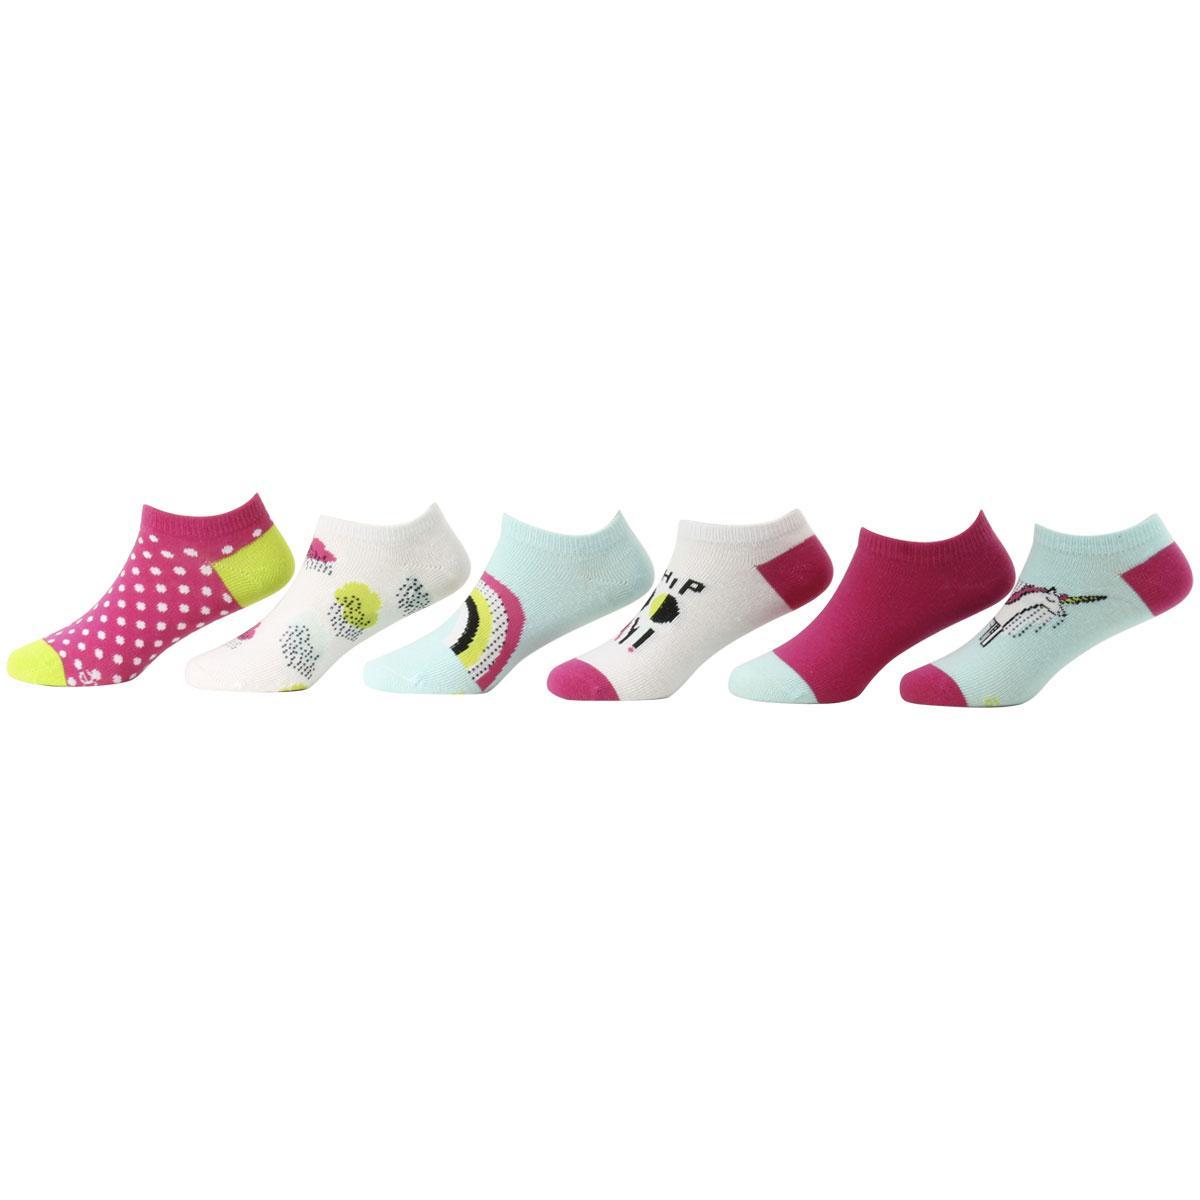 Stride Rite Girls Comfort Seam No Show Socks-8 Pack